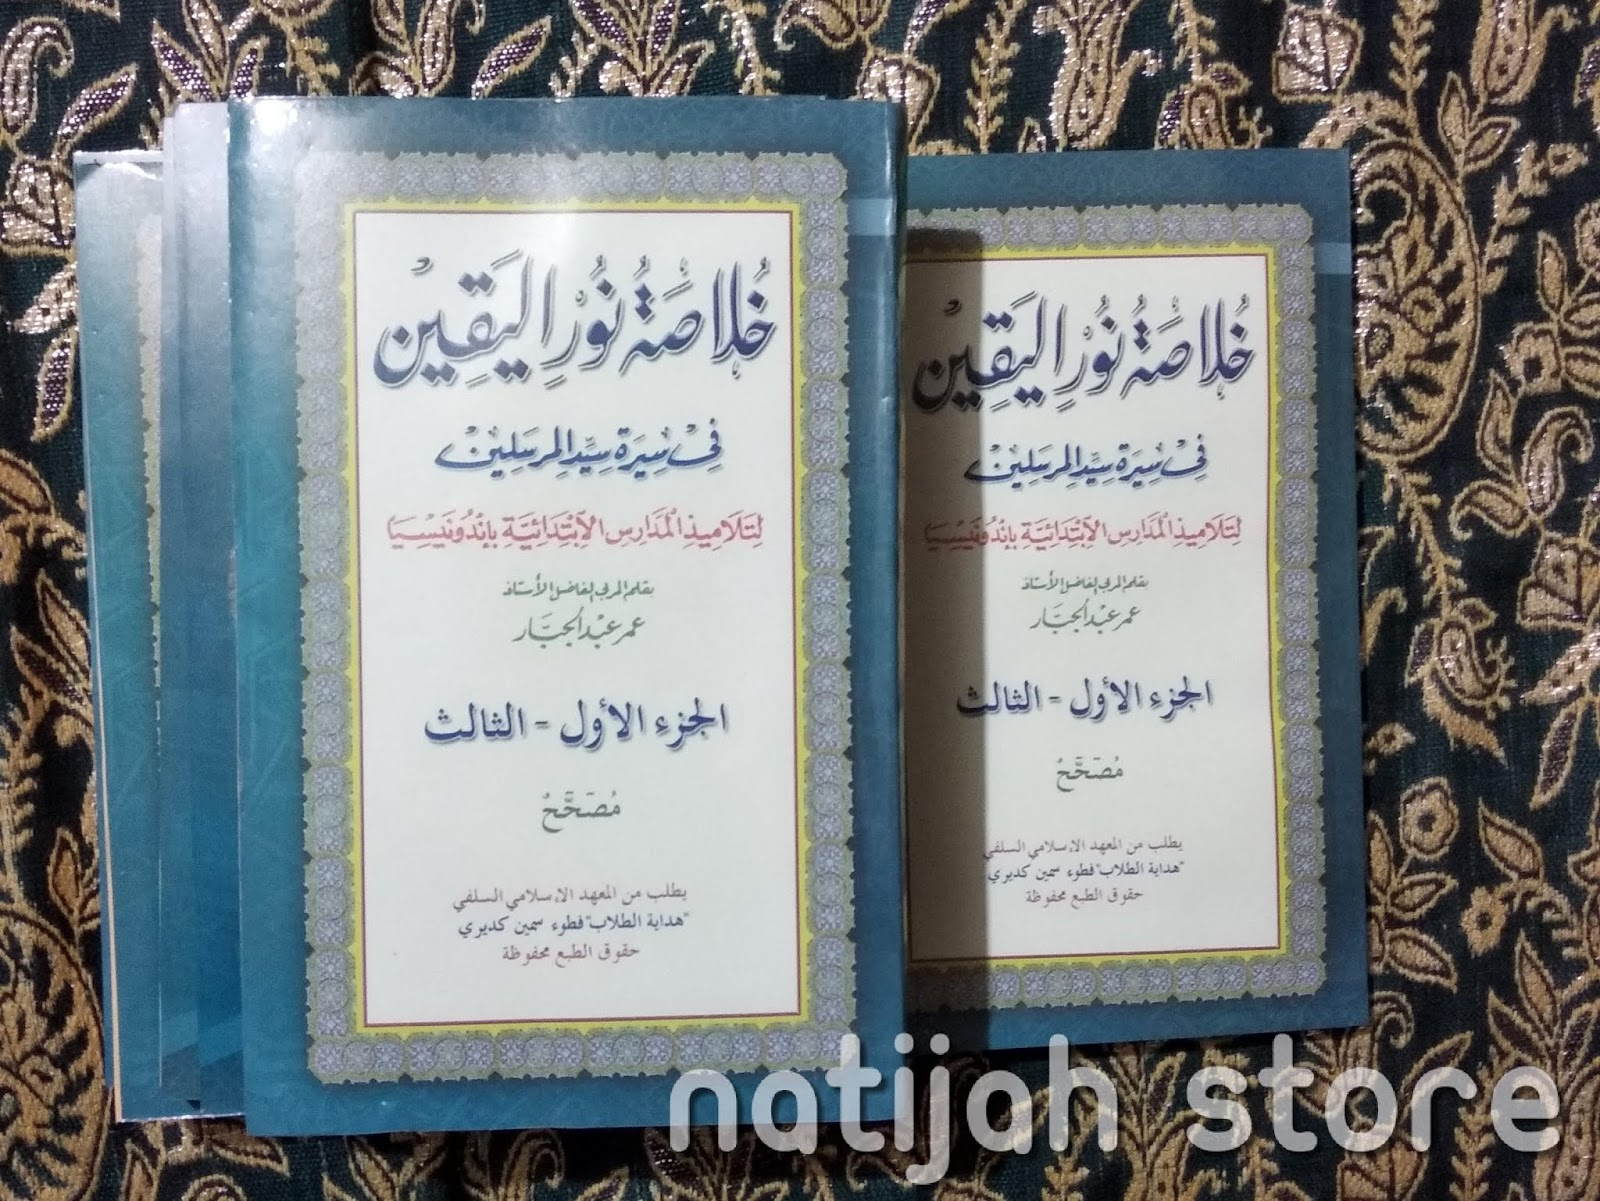 Kitab Khulasoh Nurul Yaqin